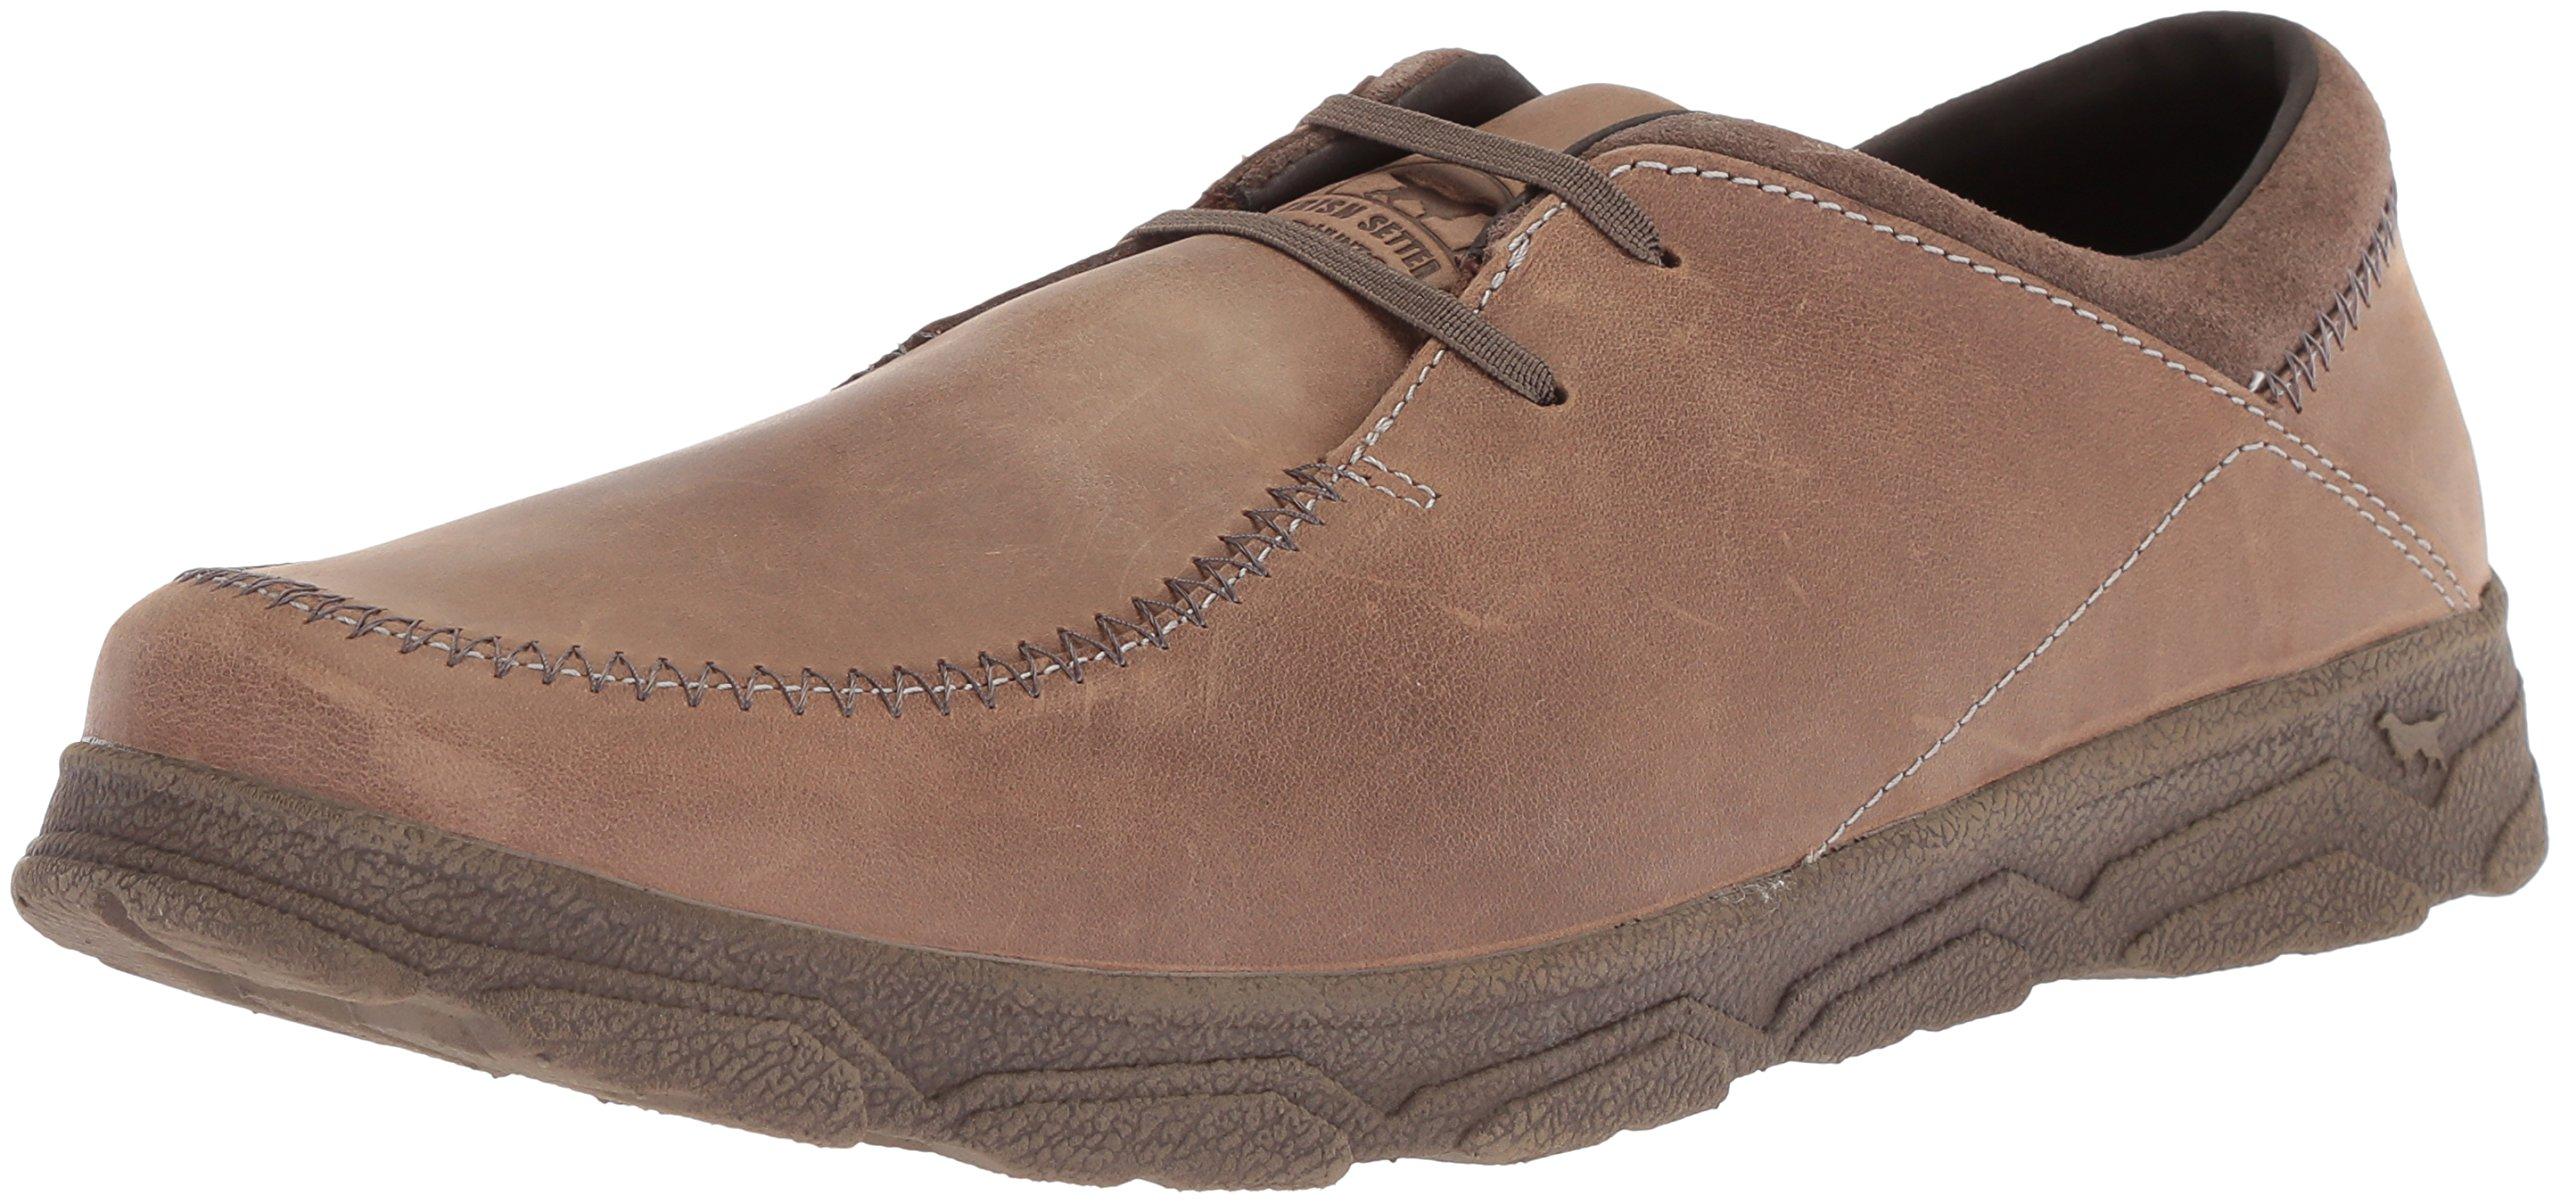 Irish Setter Men's Traveler 3812 Oxford Boot, Brown, 14 2E US